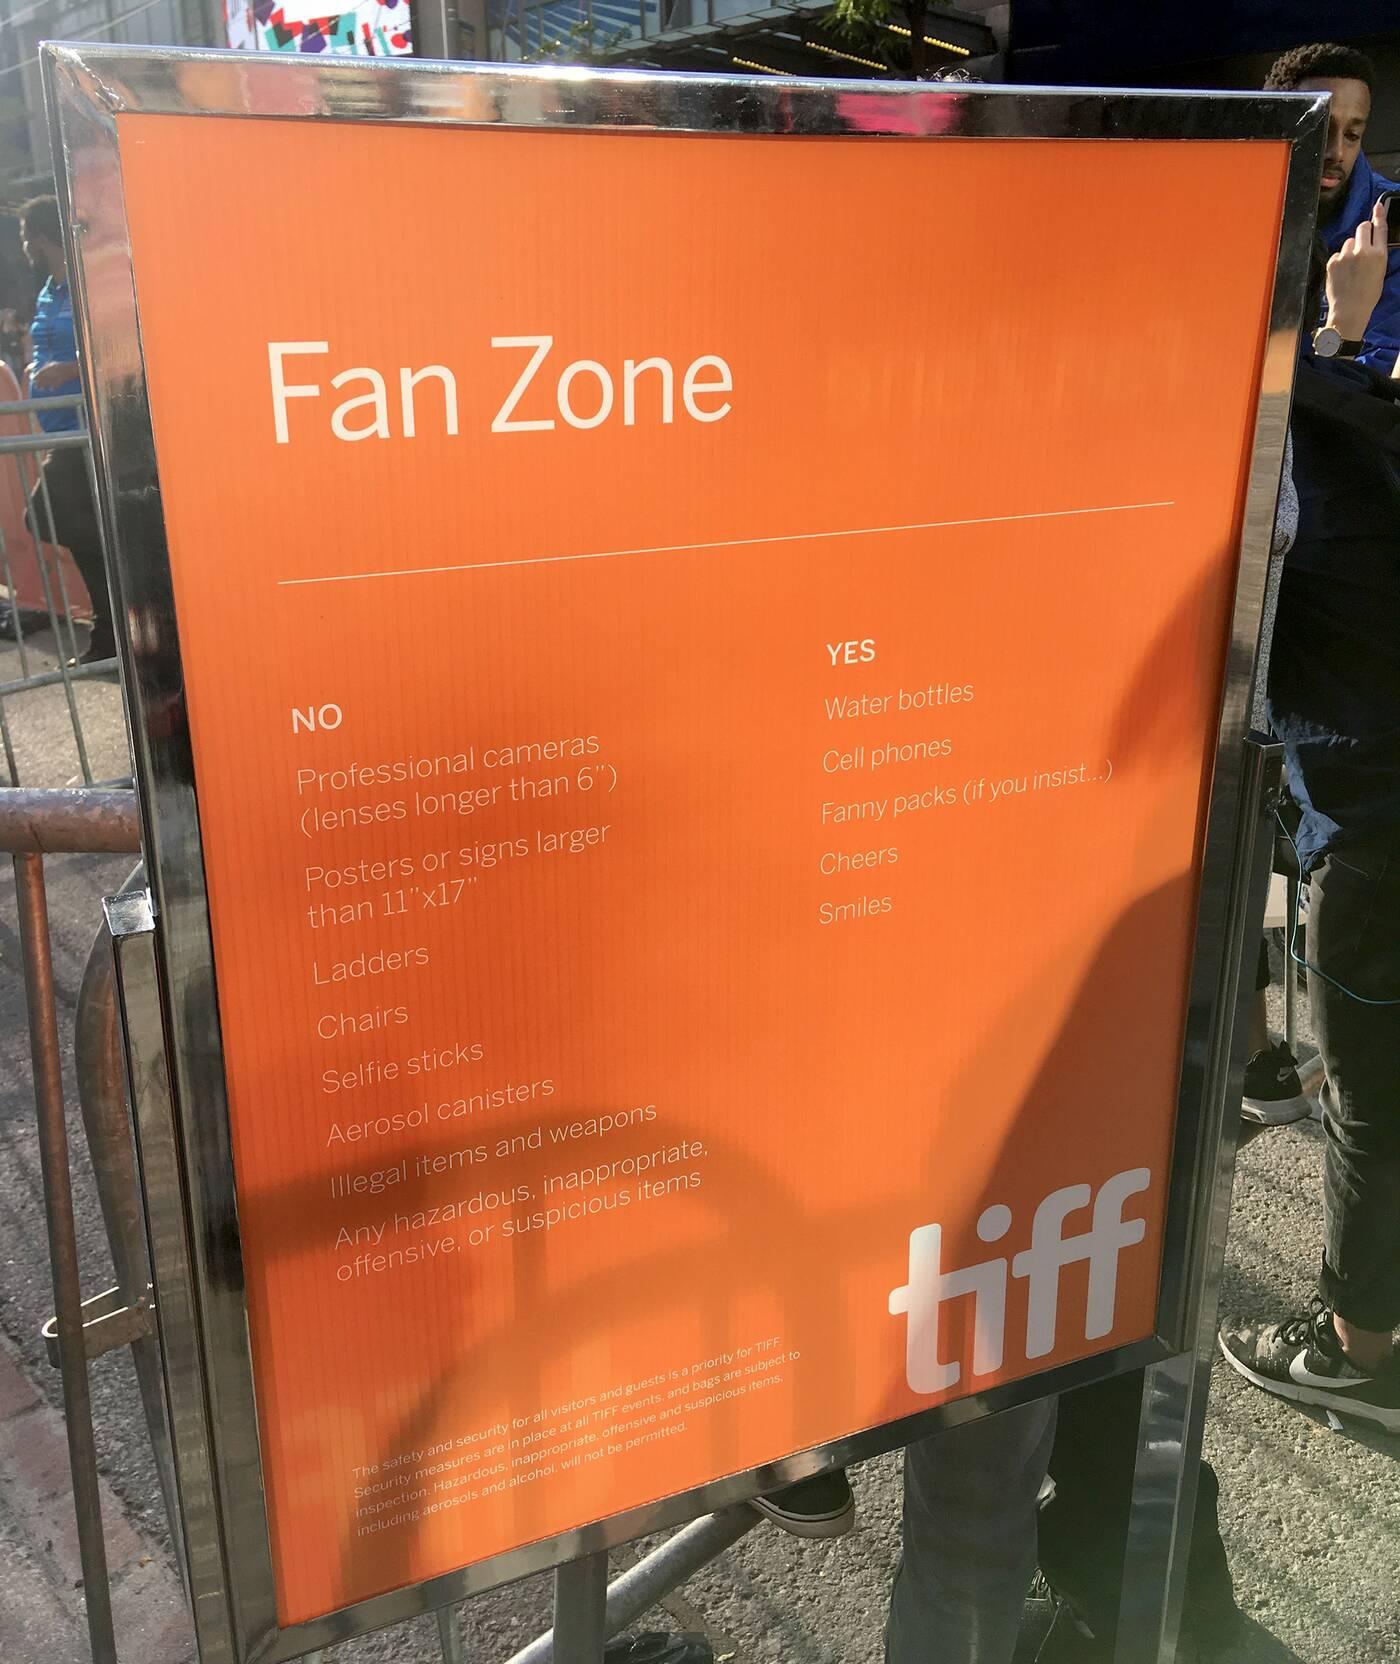 TIFF fan zone